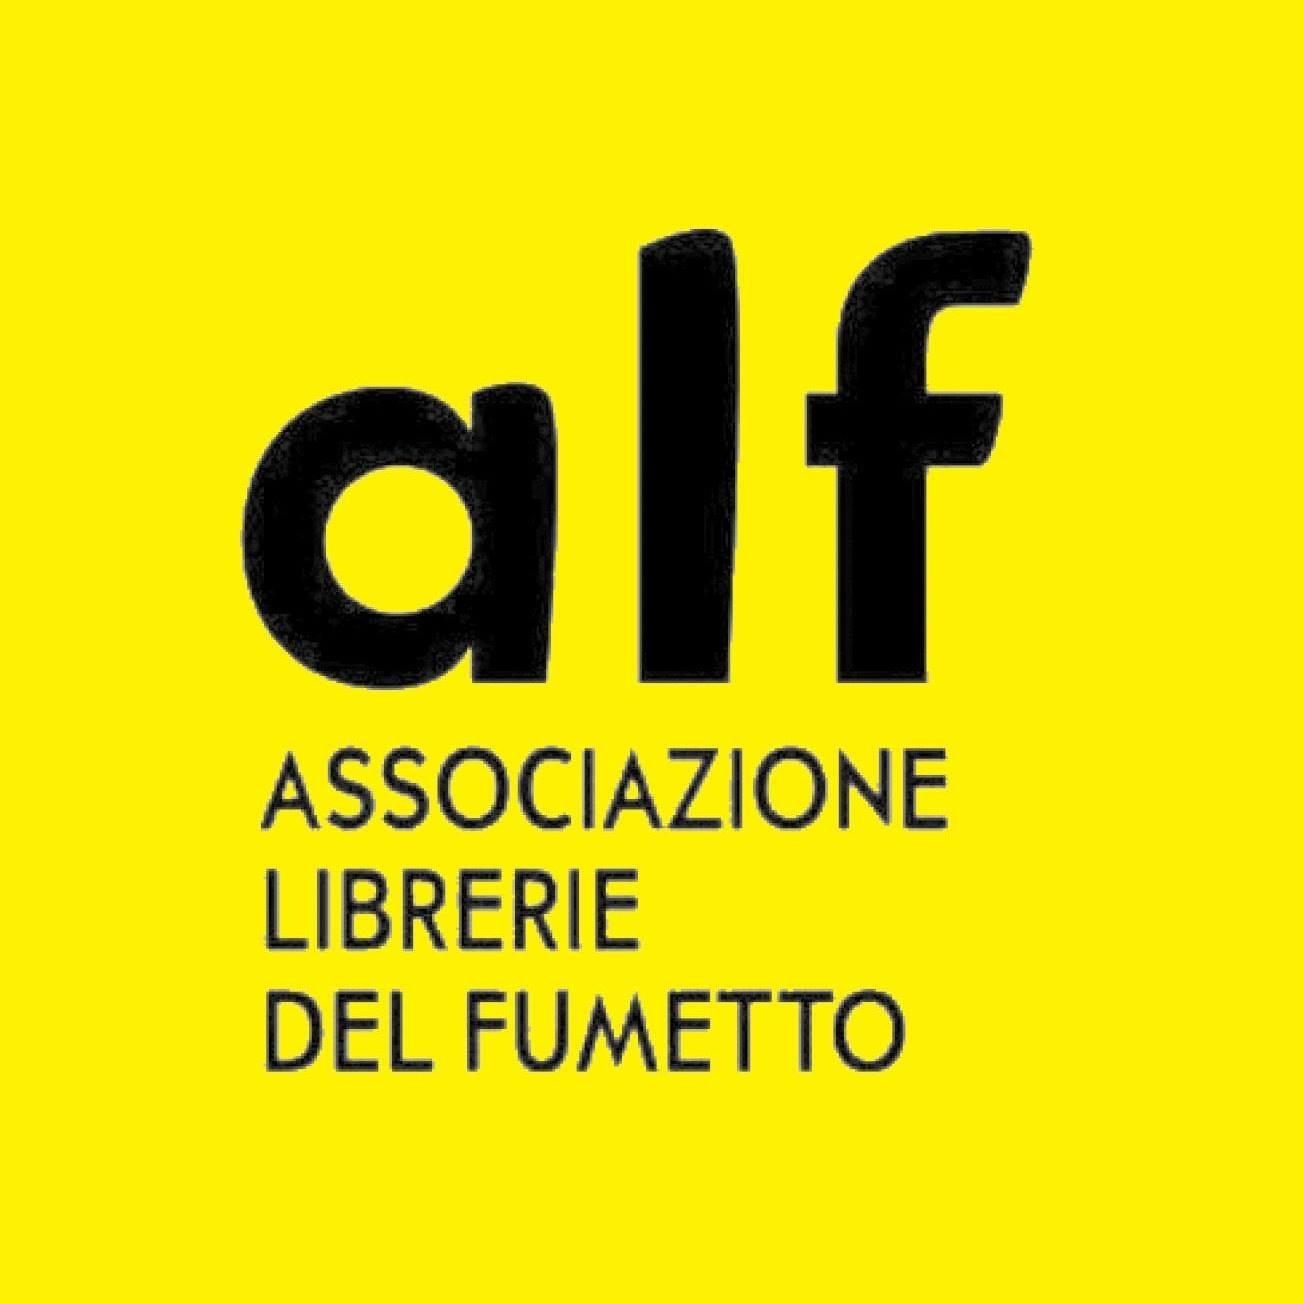 ALF - Associazione Librerie del Fumetto